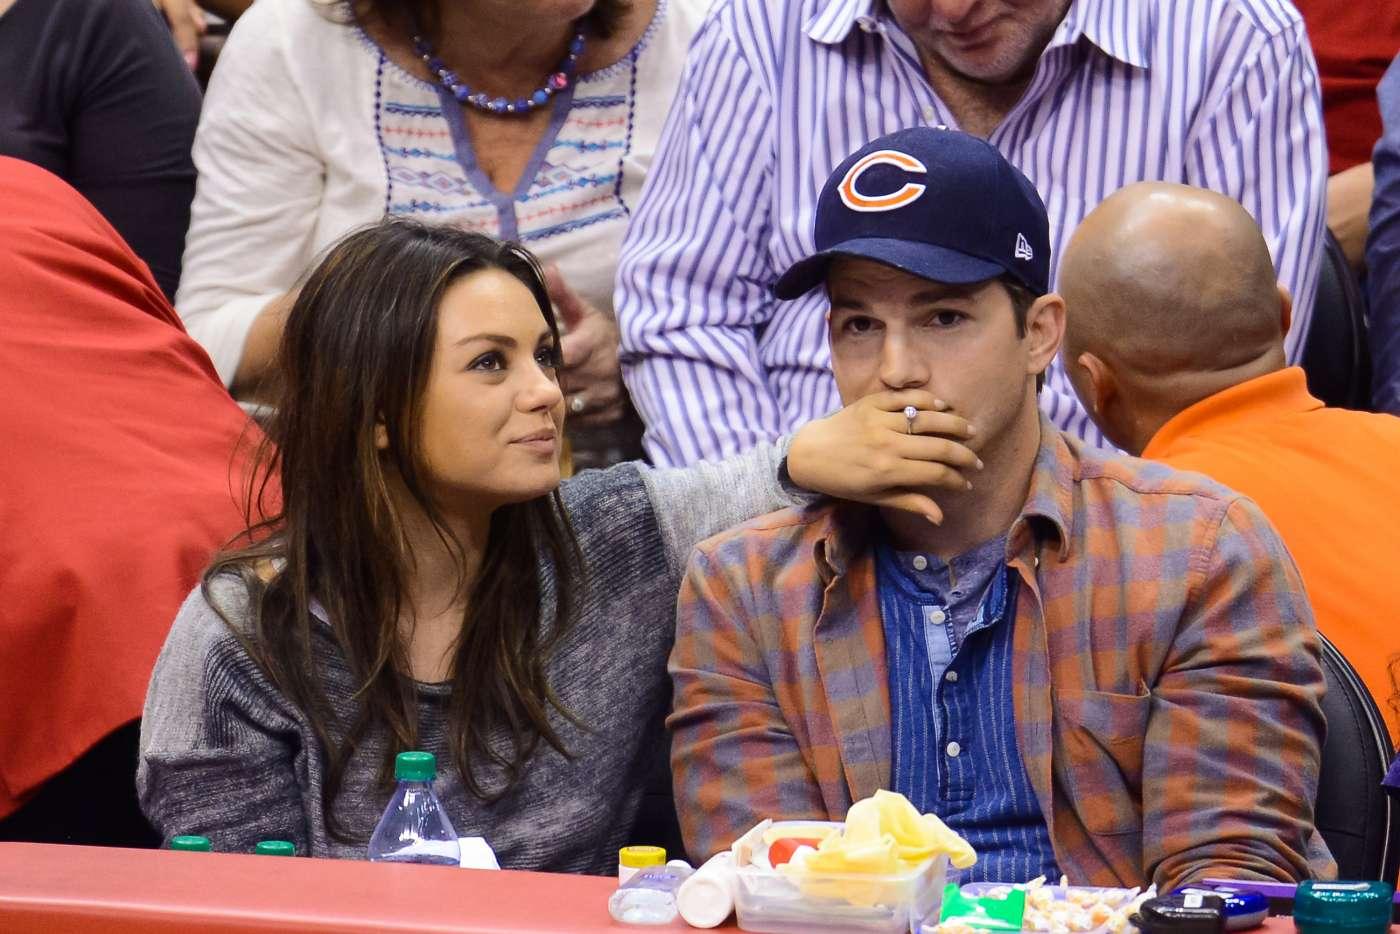 Mila Kunis And Ashton Kutcher Wedding.Mila Kunis And Ashton Kutcher Got Their Wedding Rings From Etsy